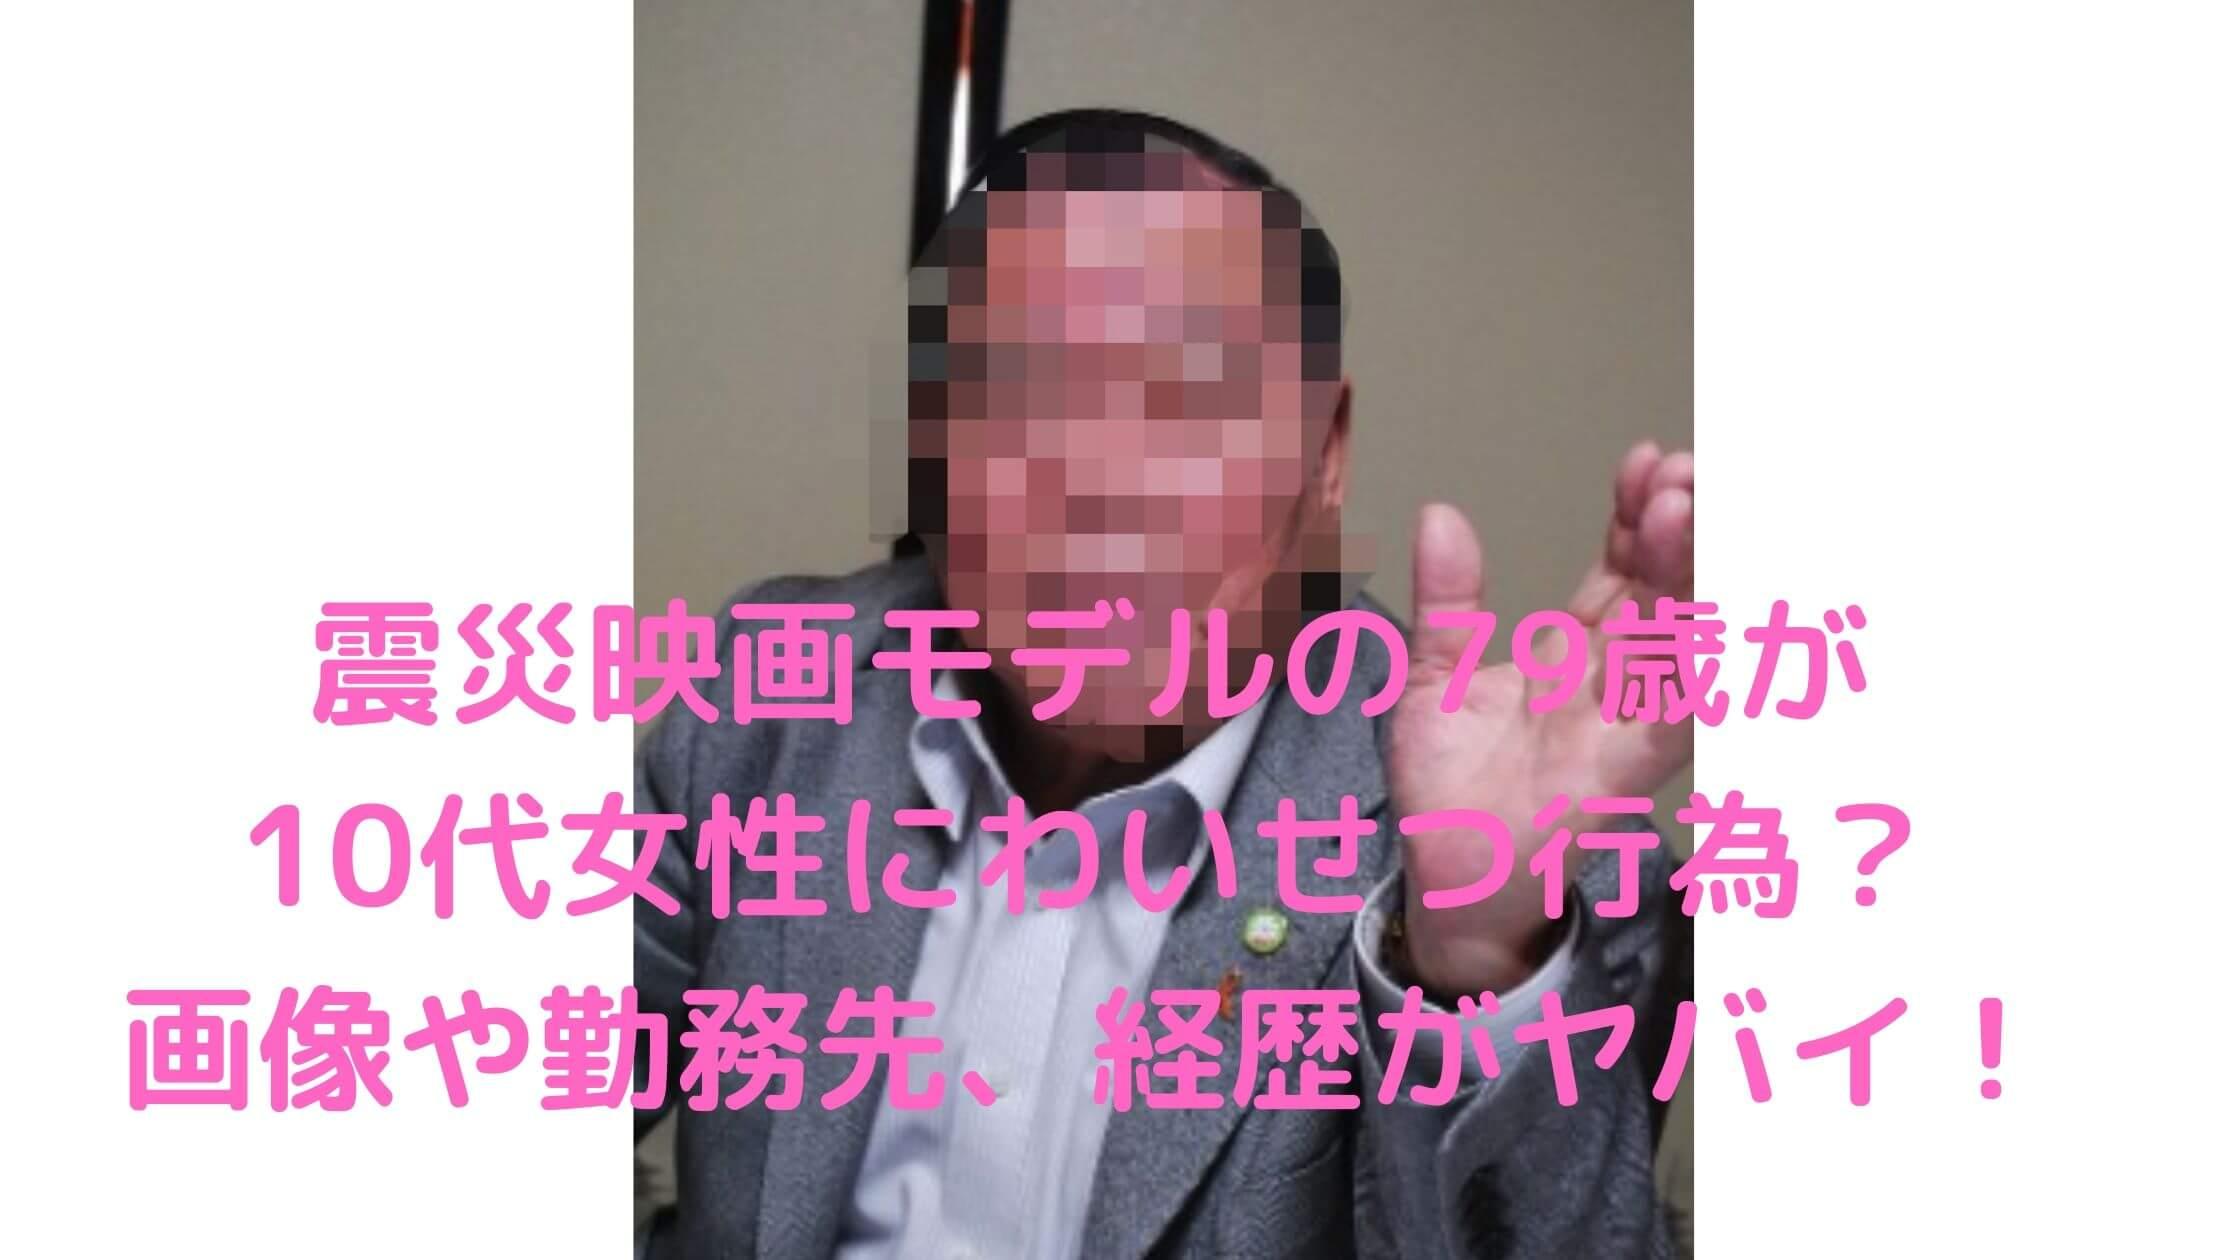 千葉淳 79歳わいせつ